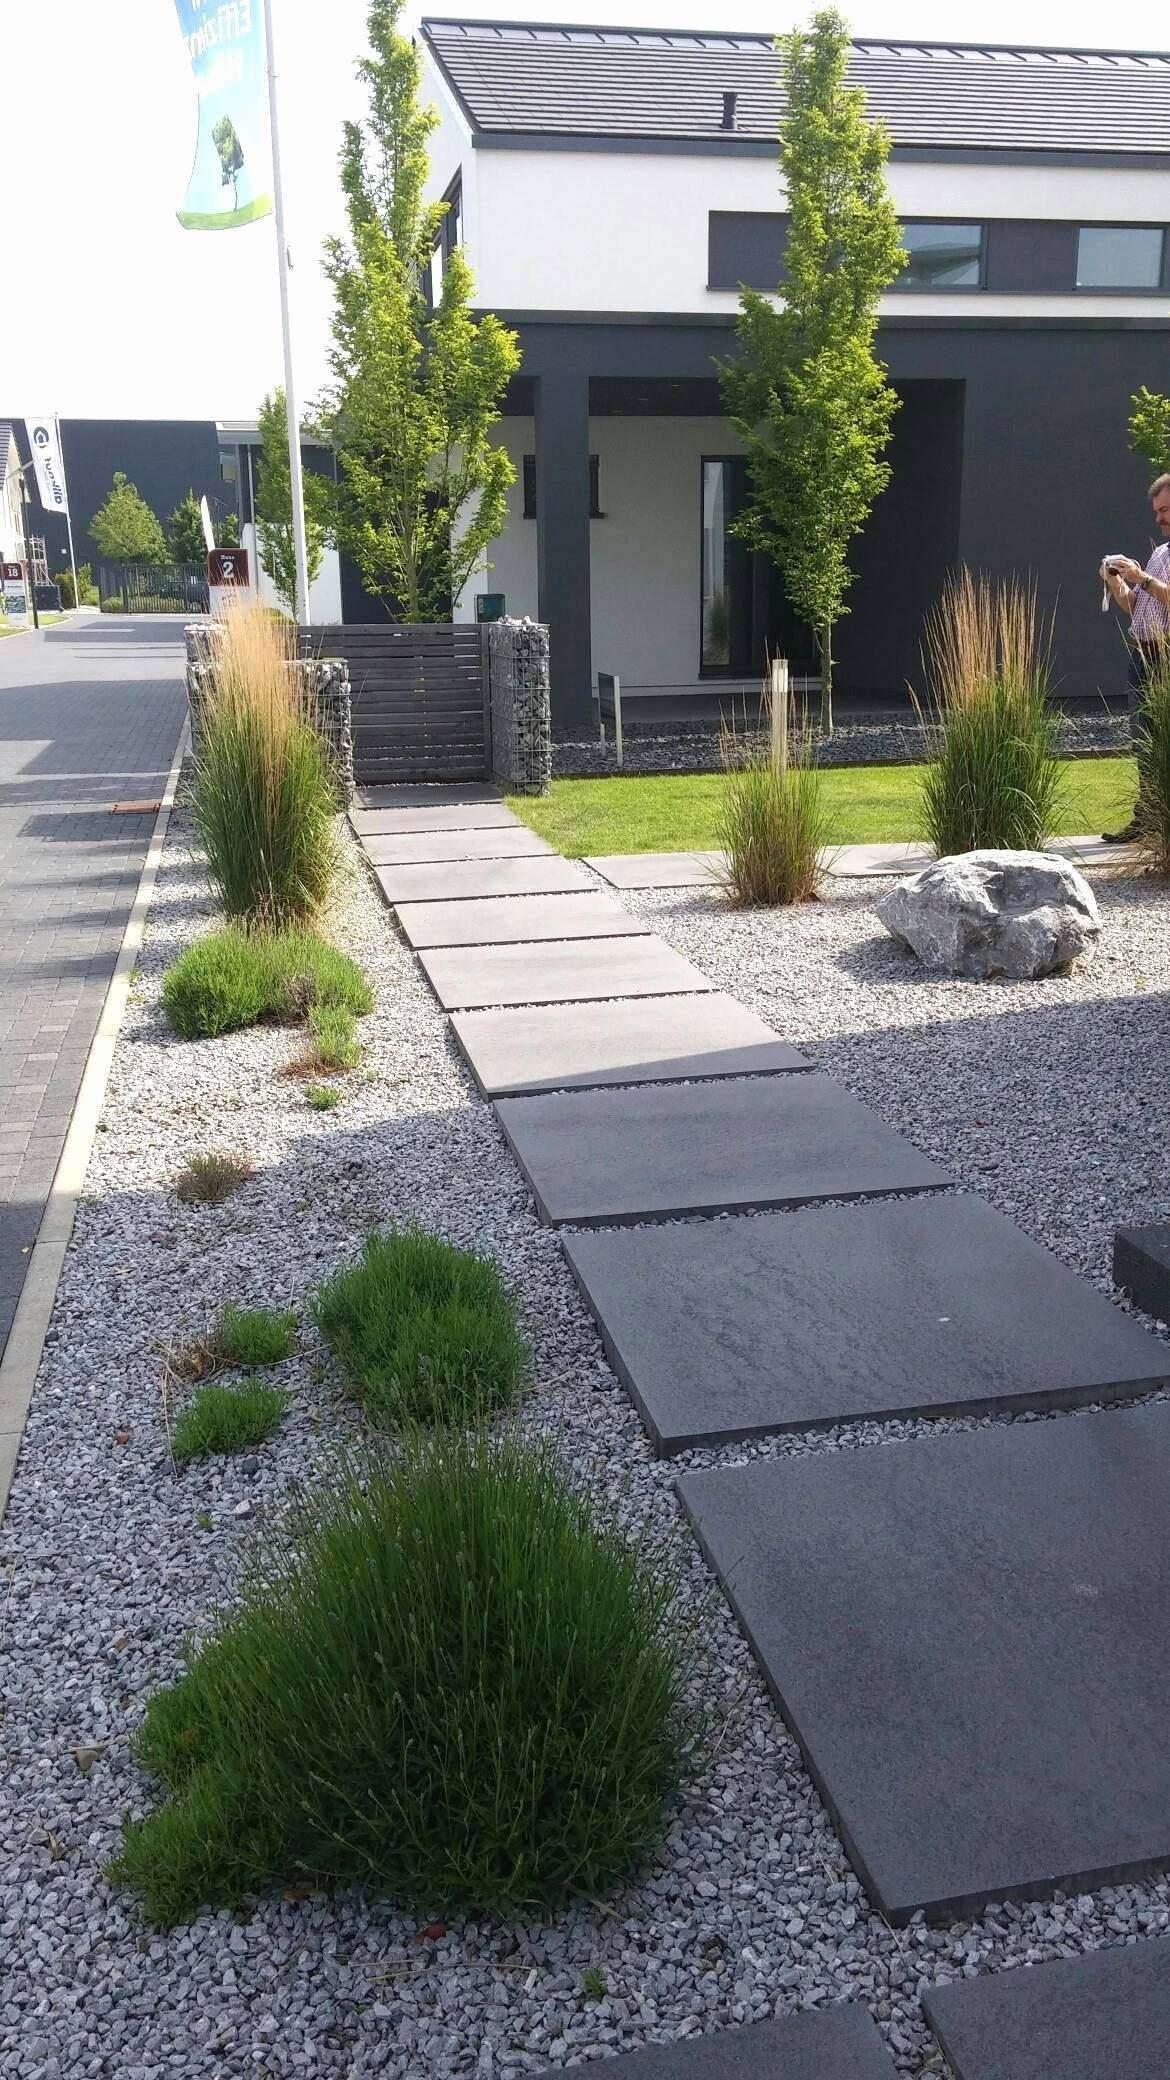 Vorgarten Neu Gestalten Frisch Kleinen Garten Gestalten Reizend Garten Ideas Garten Anlegen